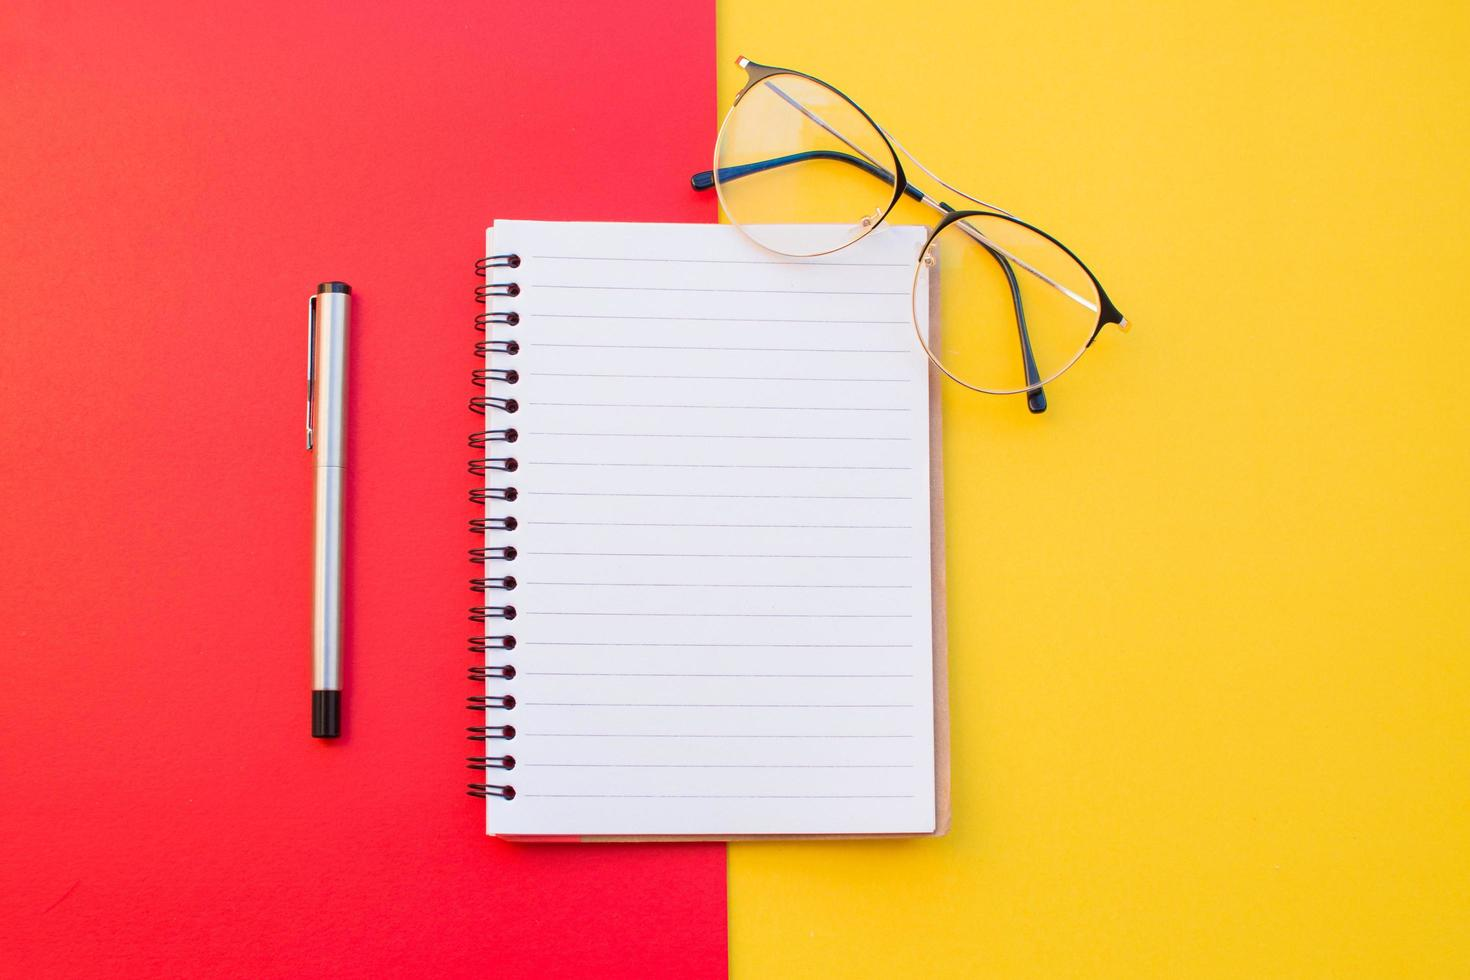 anteckningsbok, glasögon och penna på röd och gul bakgrund foto